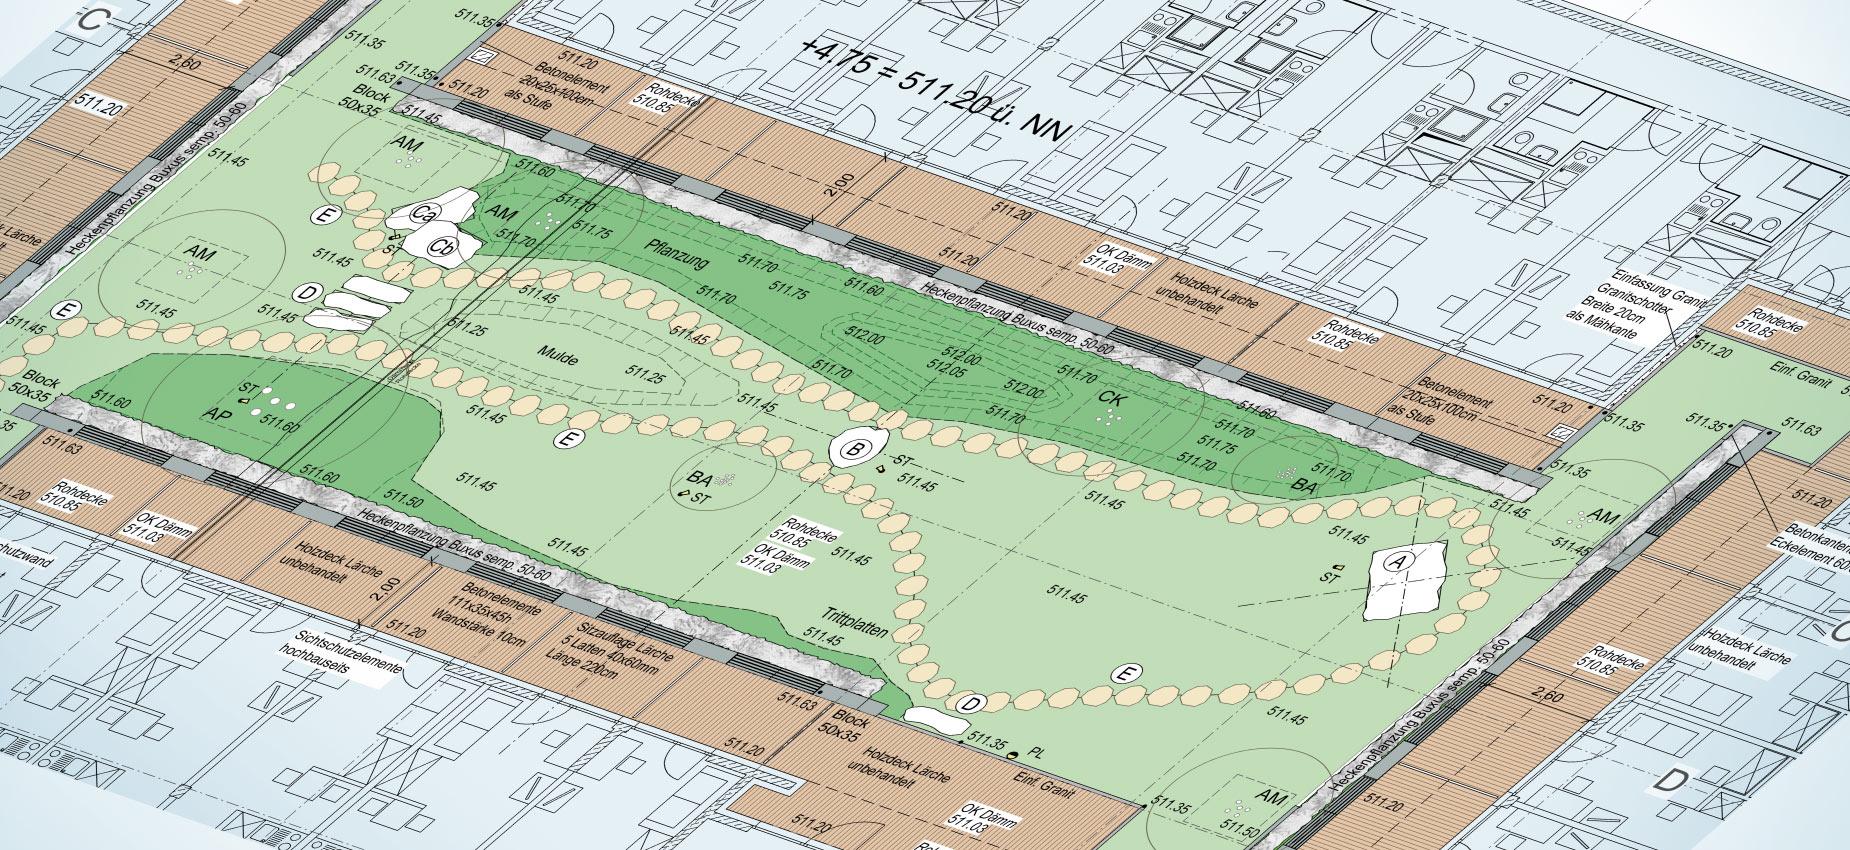 Bauzeichnung für die Gestaltung des Dachgartens und der Außenanlagen von atelier8 Barbara Jurk für das Projekt studiosus Studentenapartments München